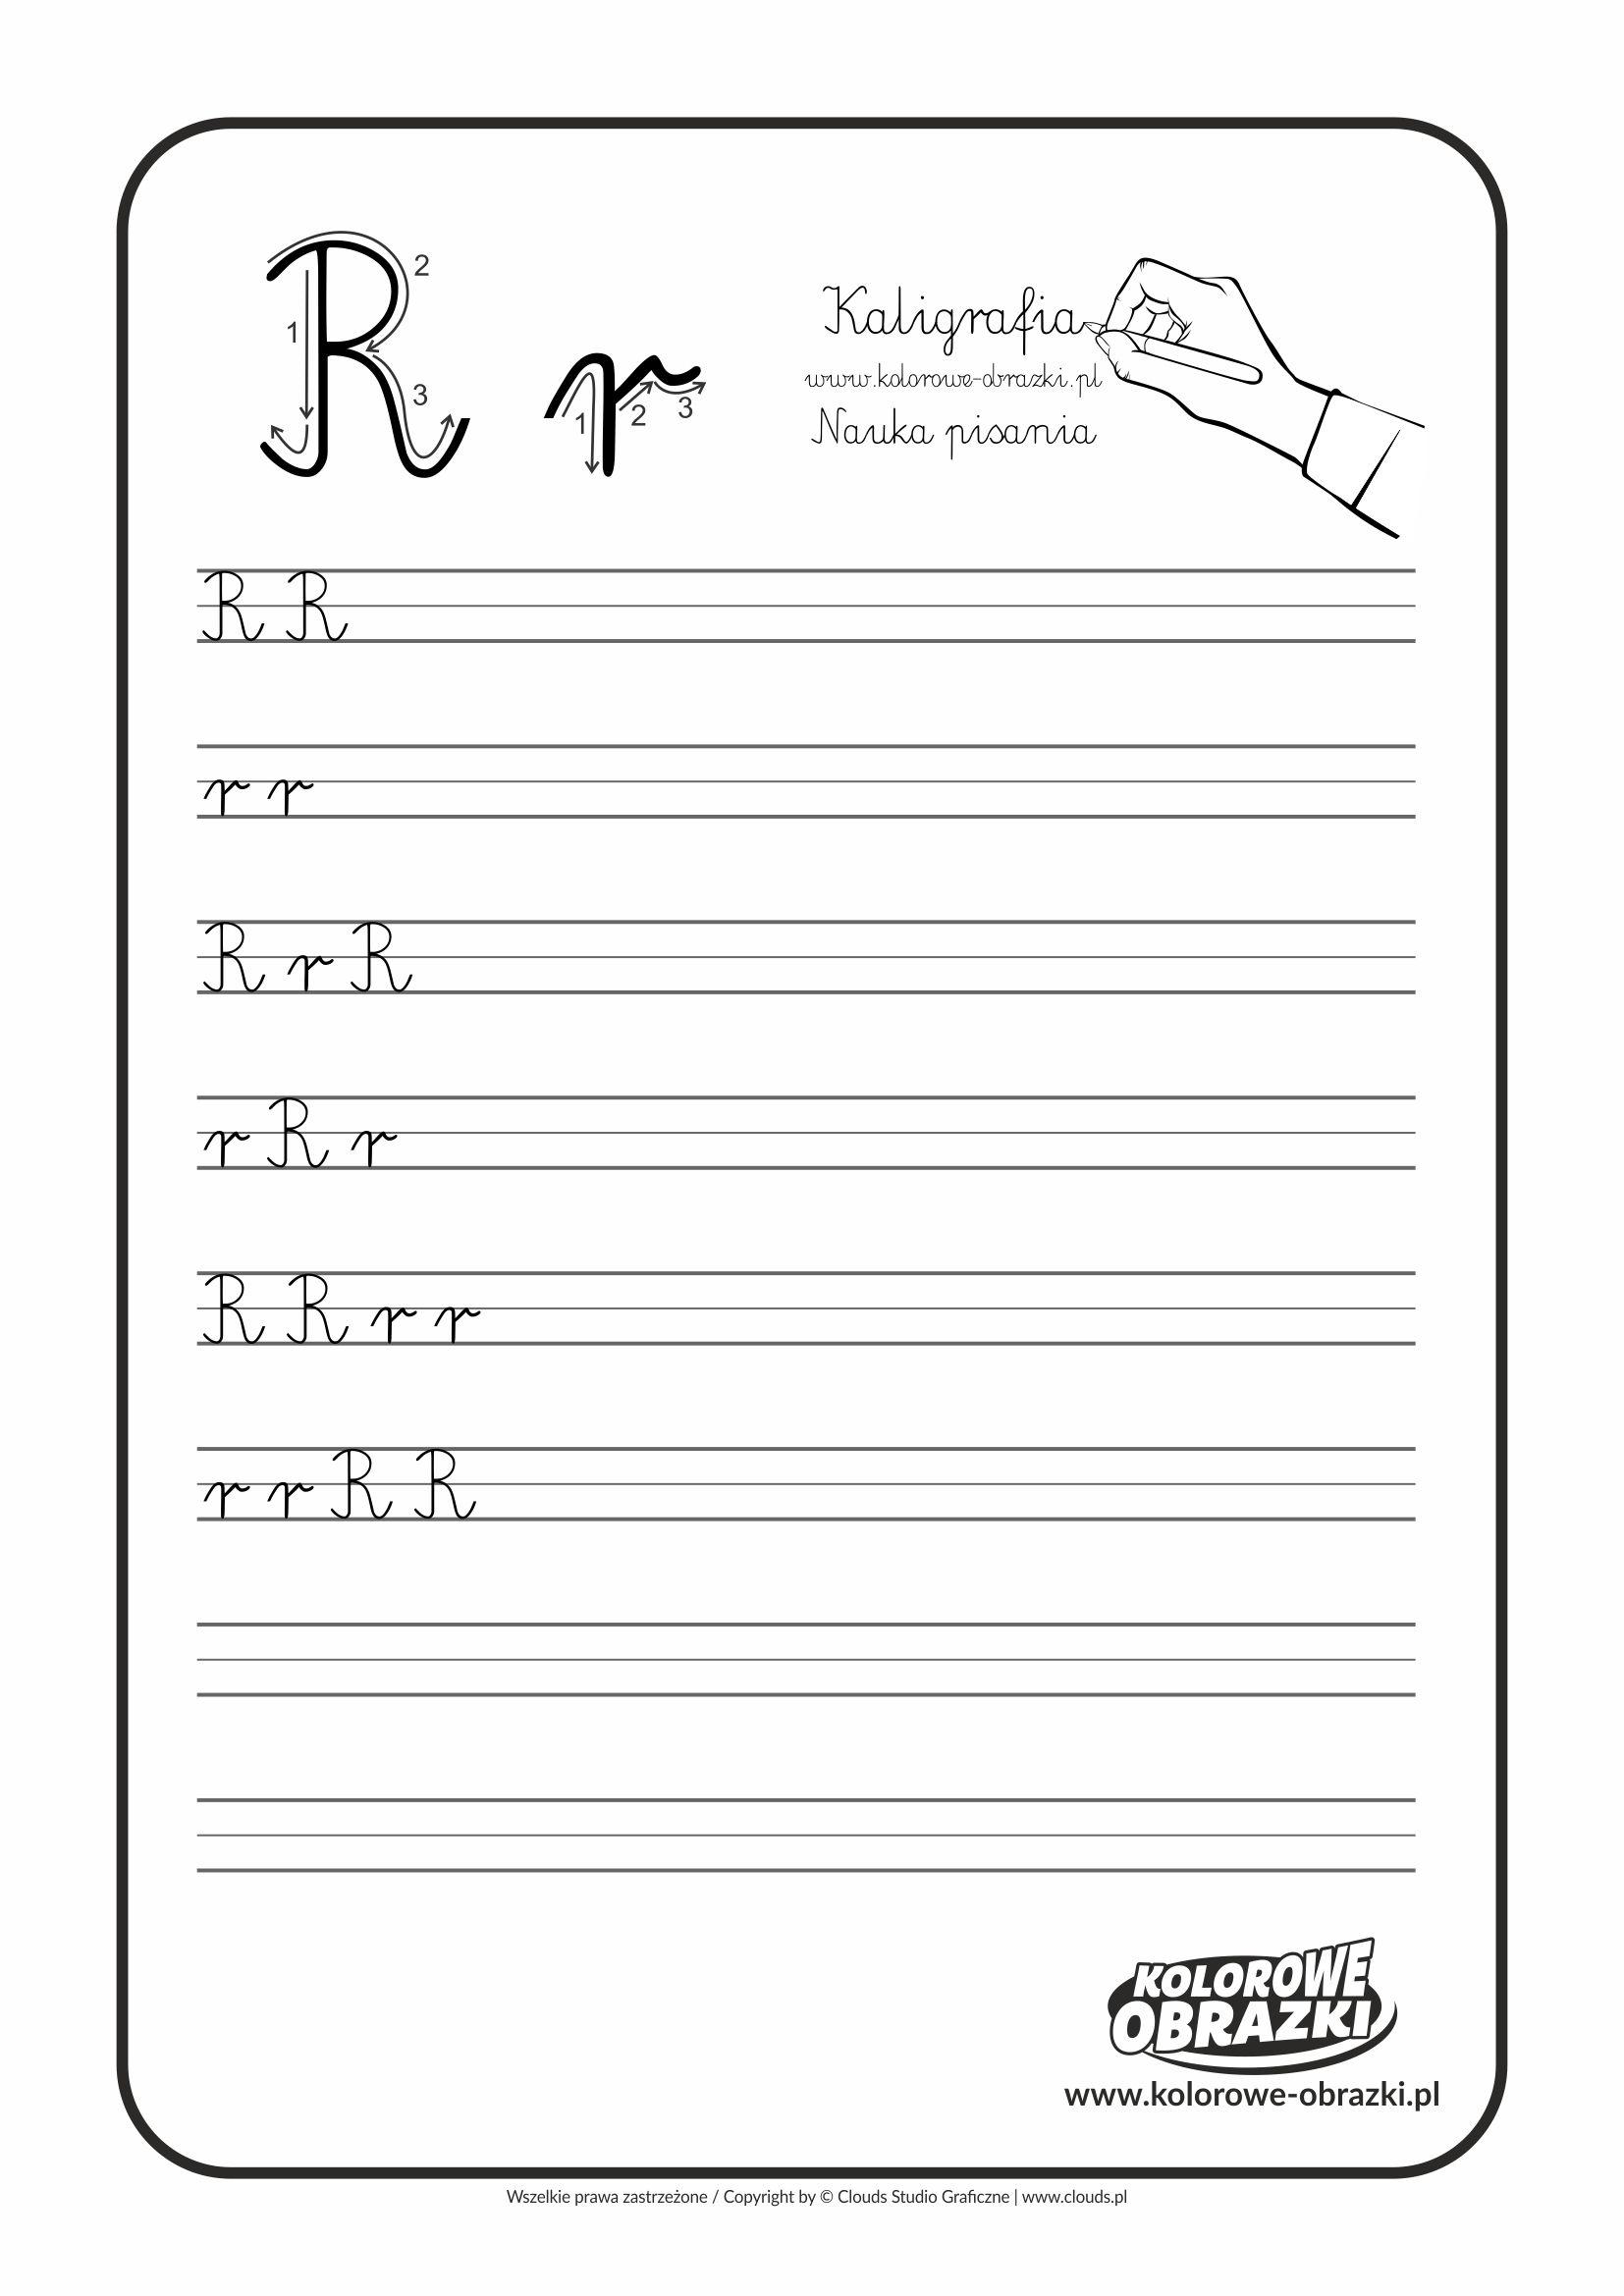 Kaligrafia Dla Dzieci Cwiczenia Kaligraficzne Litera R Nauka Pisania Litery R Letters For Kids Calligraphy For Kids Cool Coloring Pages